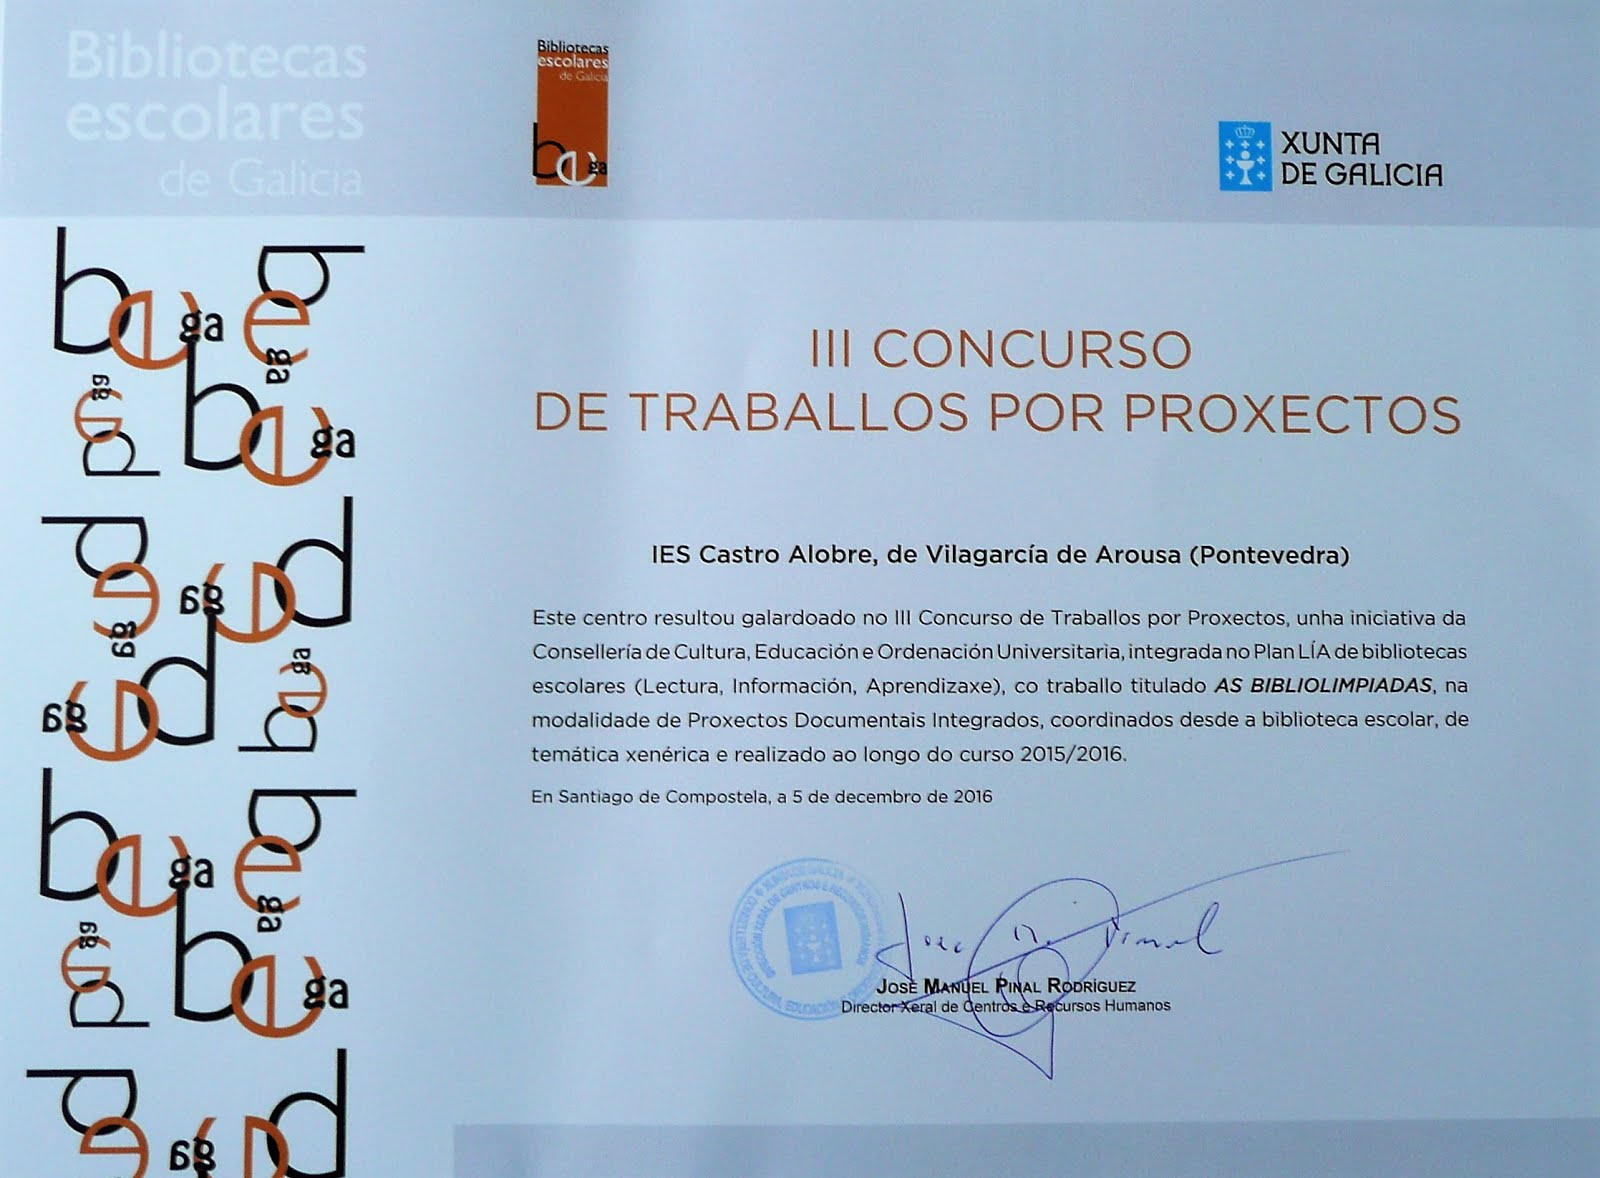 III Concurso de Traballos por Proxectos